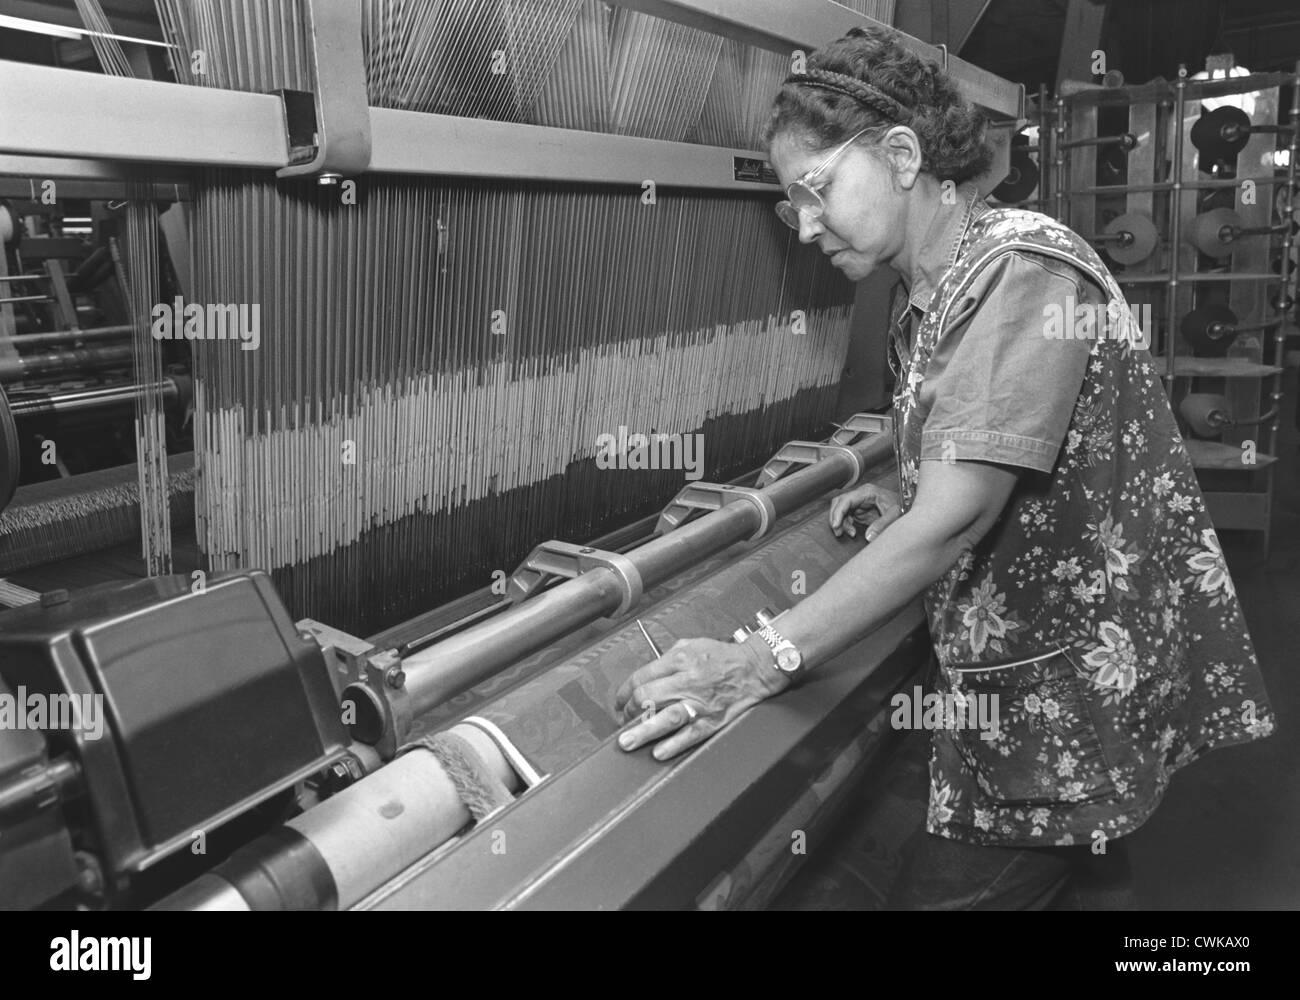 Une femme, travailleur du textile, travailler avec ses mains dans une usine de vêtements et tissus. Photo Stock